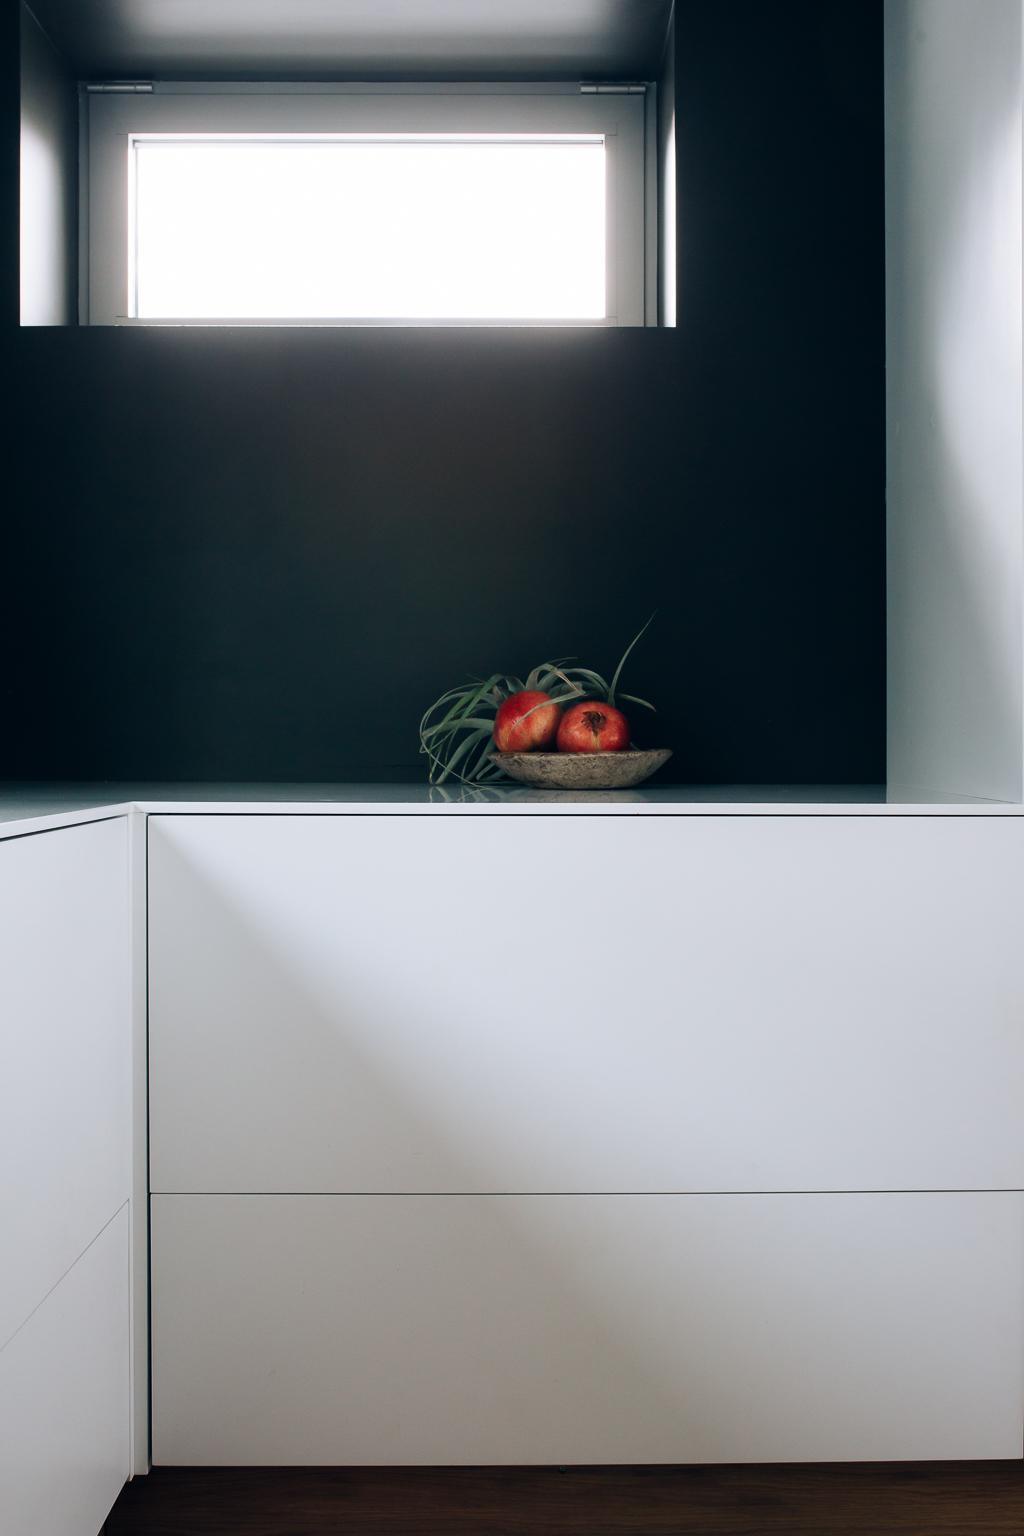 De gode lysforholdene fremhever  de rene flatene på kjøkkenet og tillater en mørk farge på veggene .